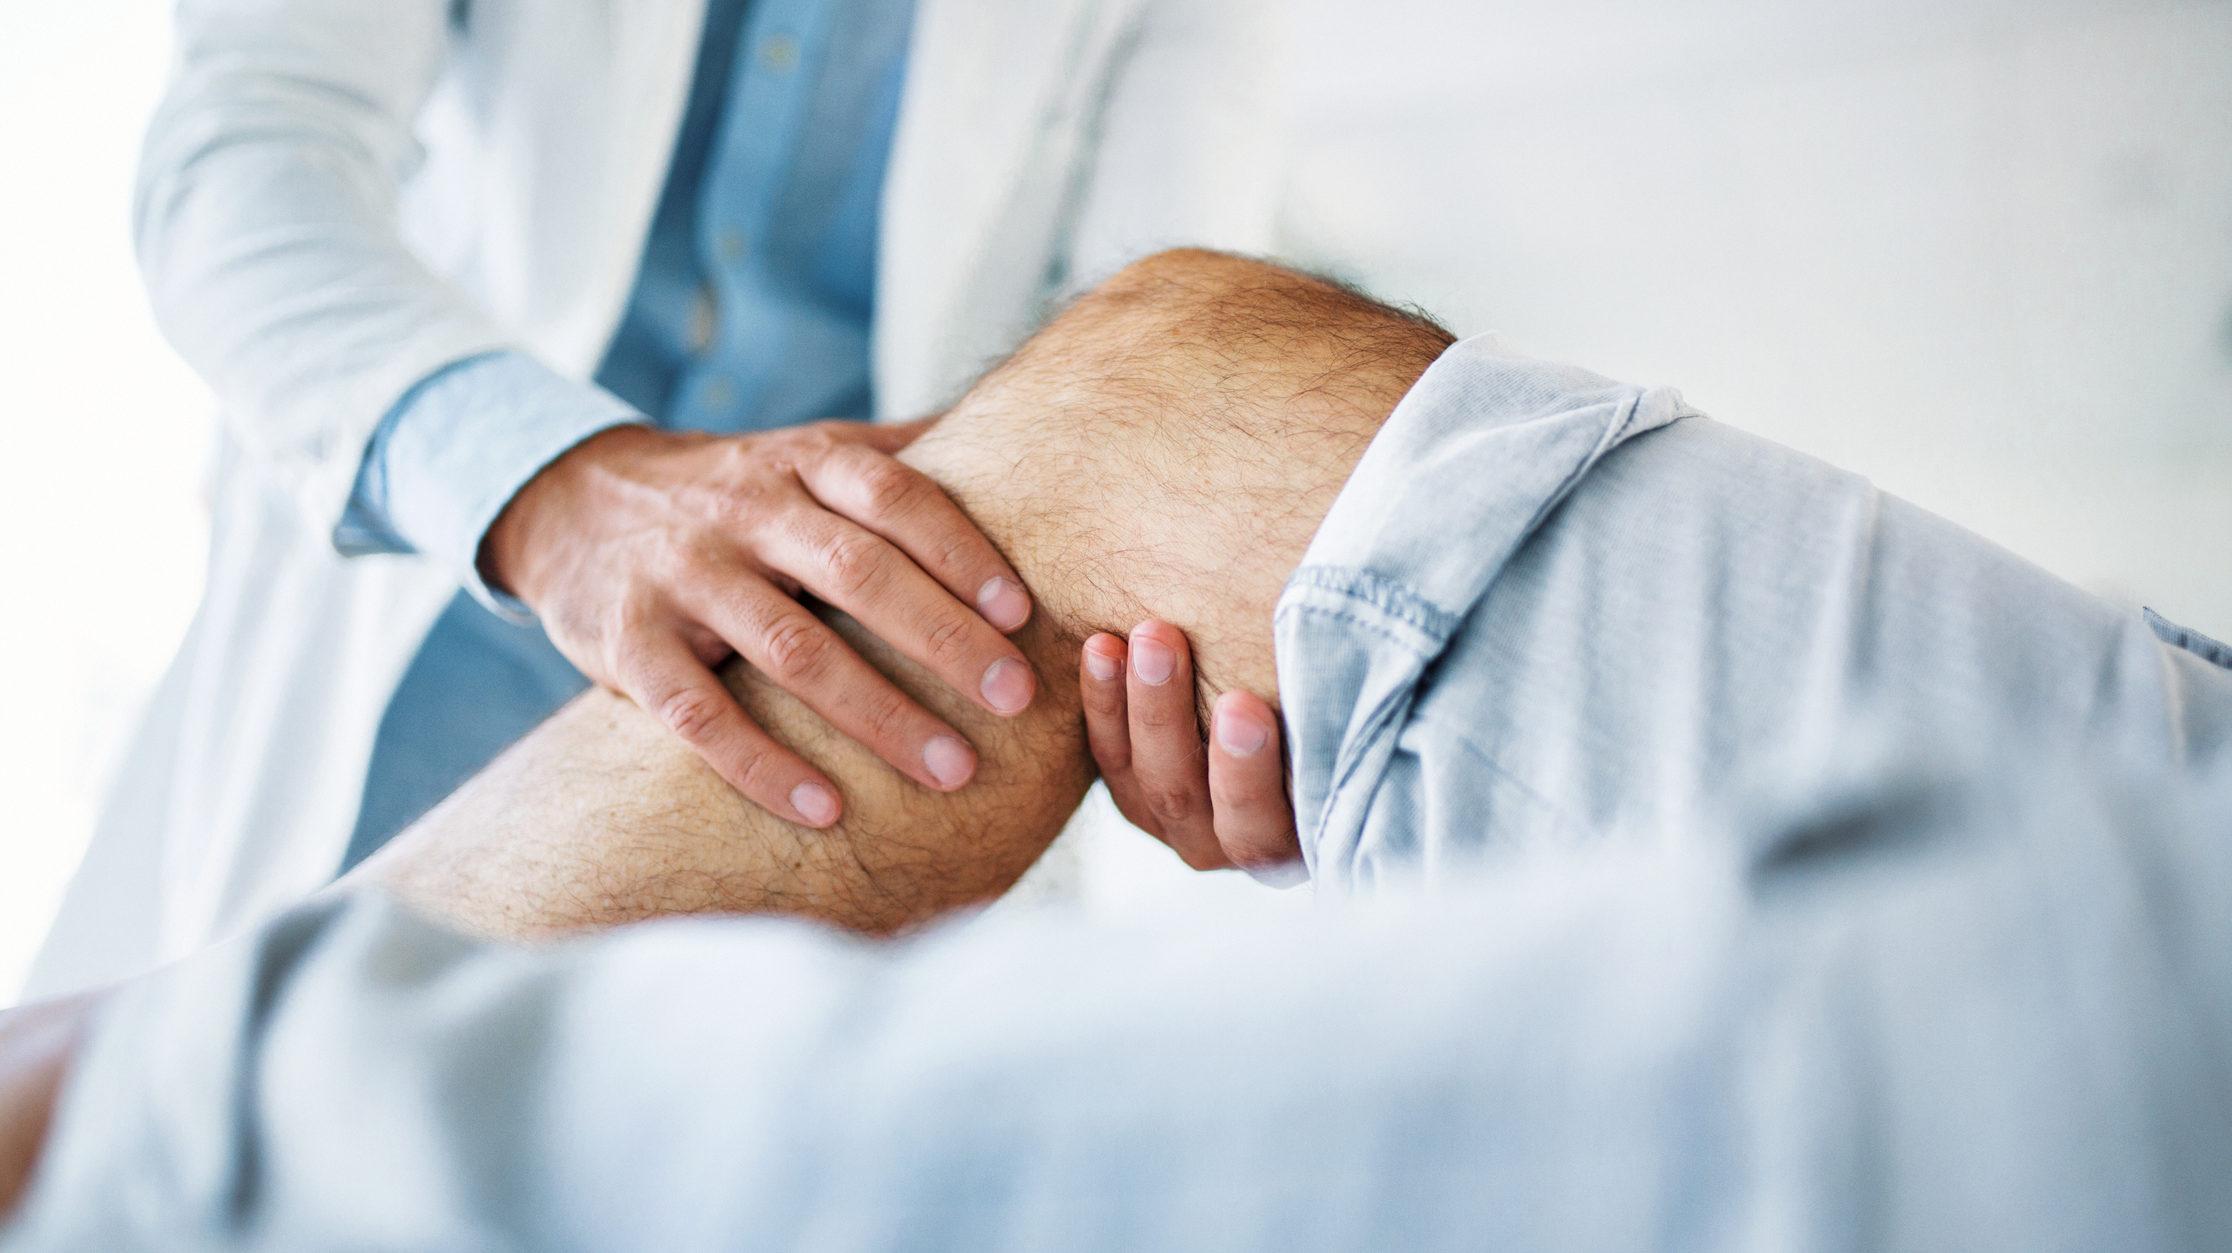 áttörés a pikkelysömör kezelésében 2020 a testen a vörös foltok viszketnek és fájnak